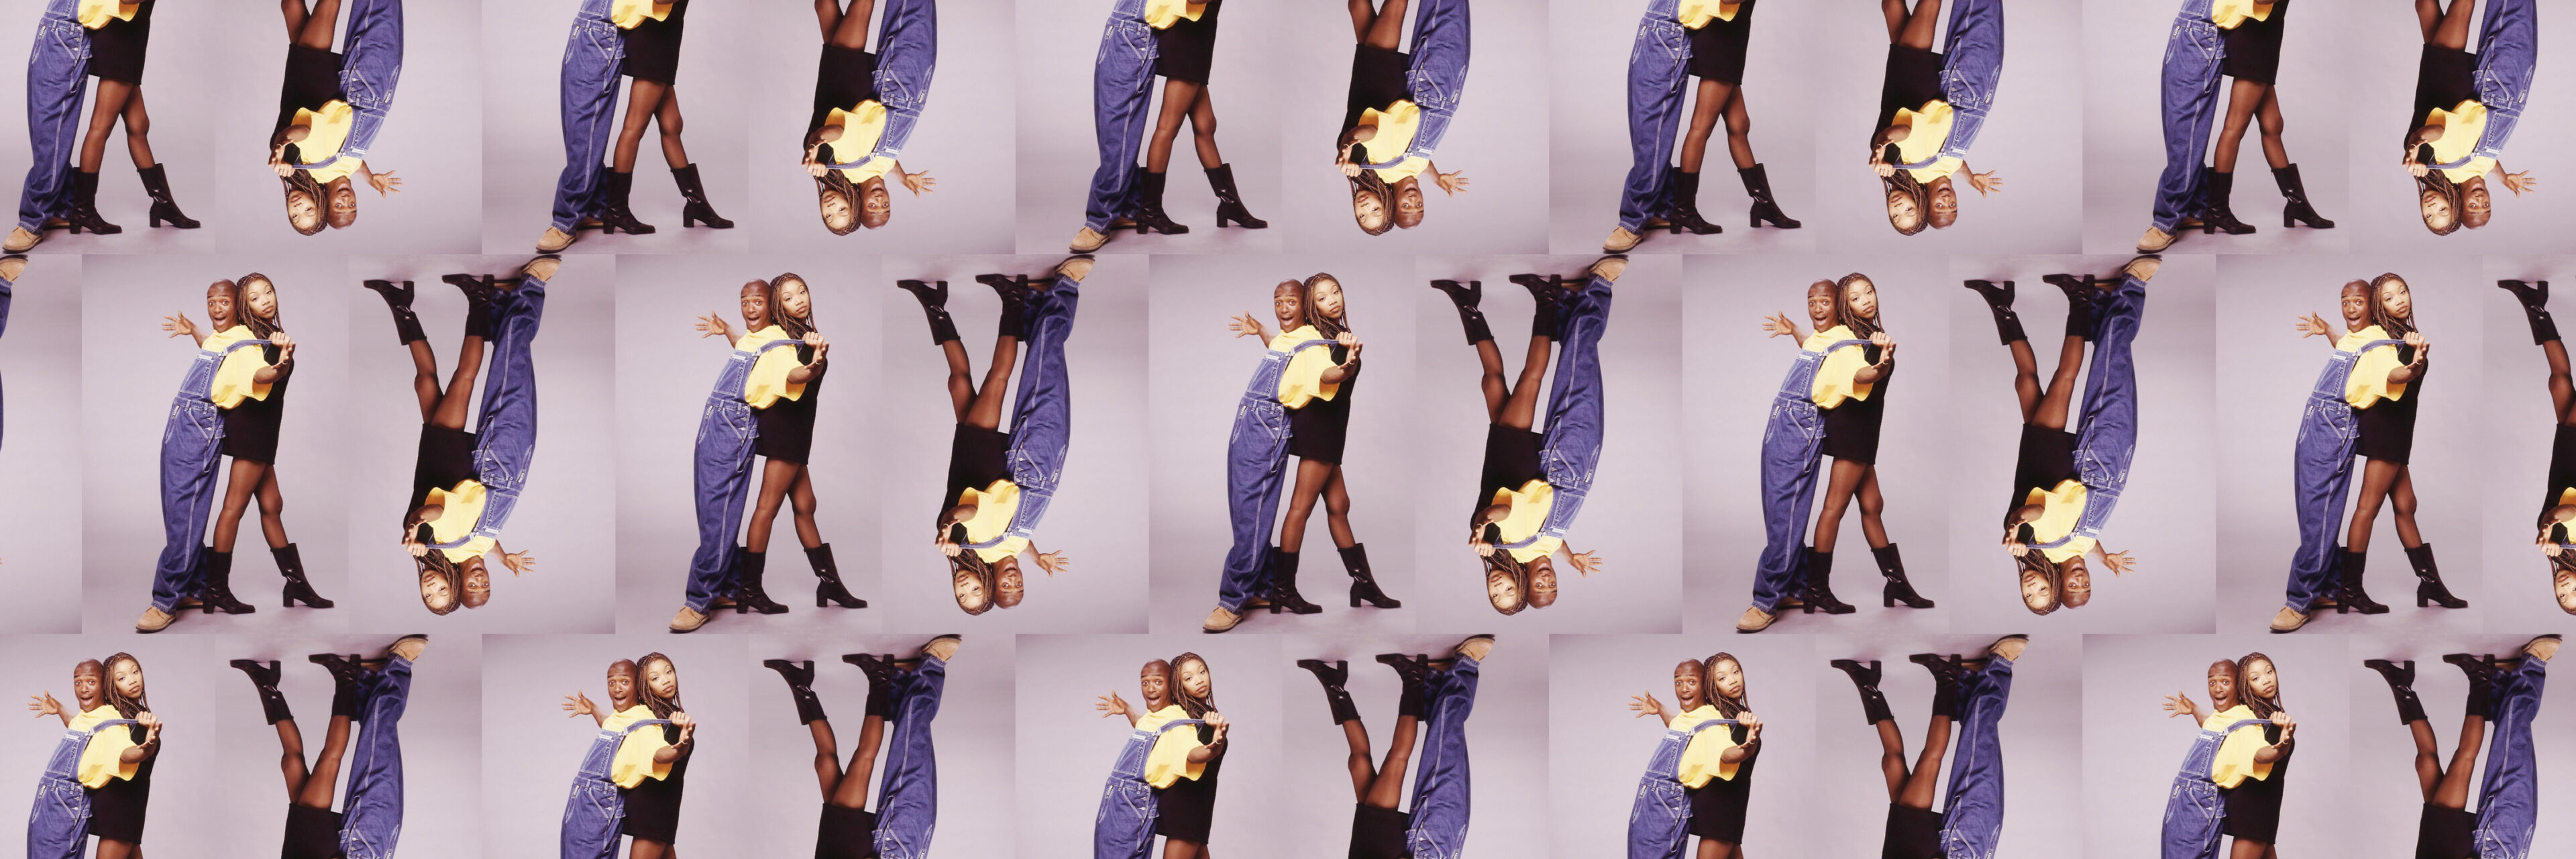 moesha collage